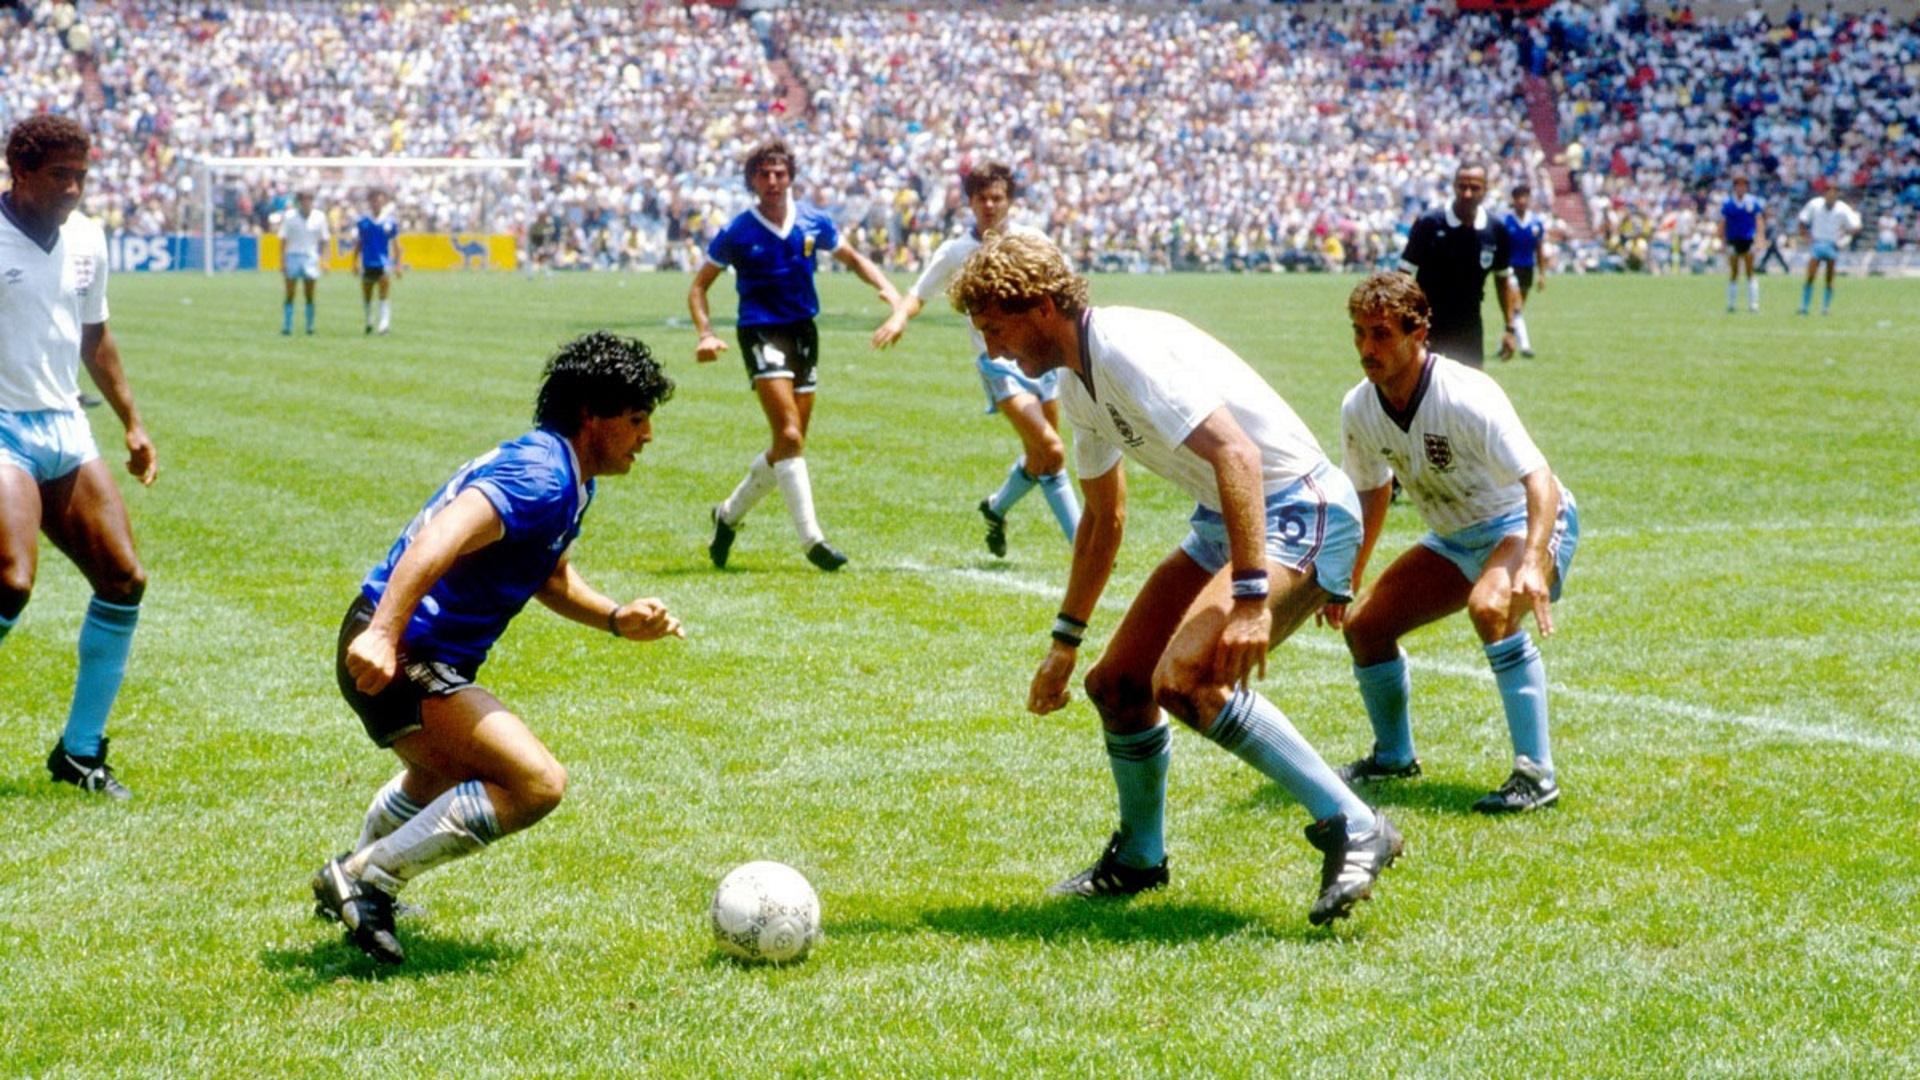 Россия венгрия 1986 13 фотография